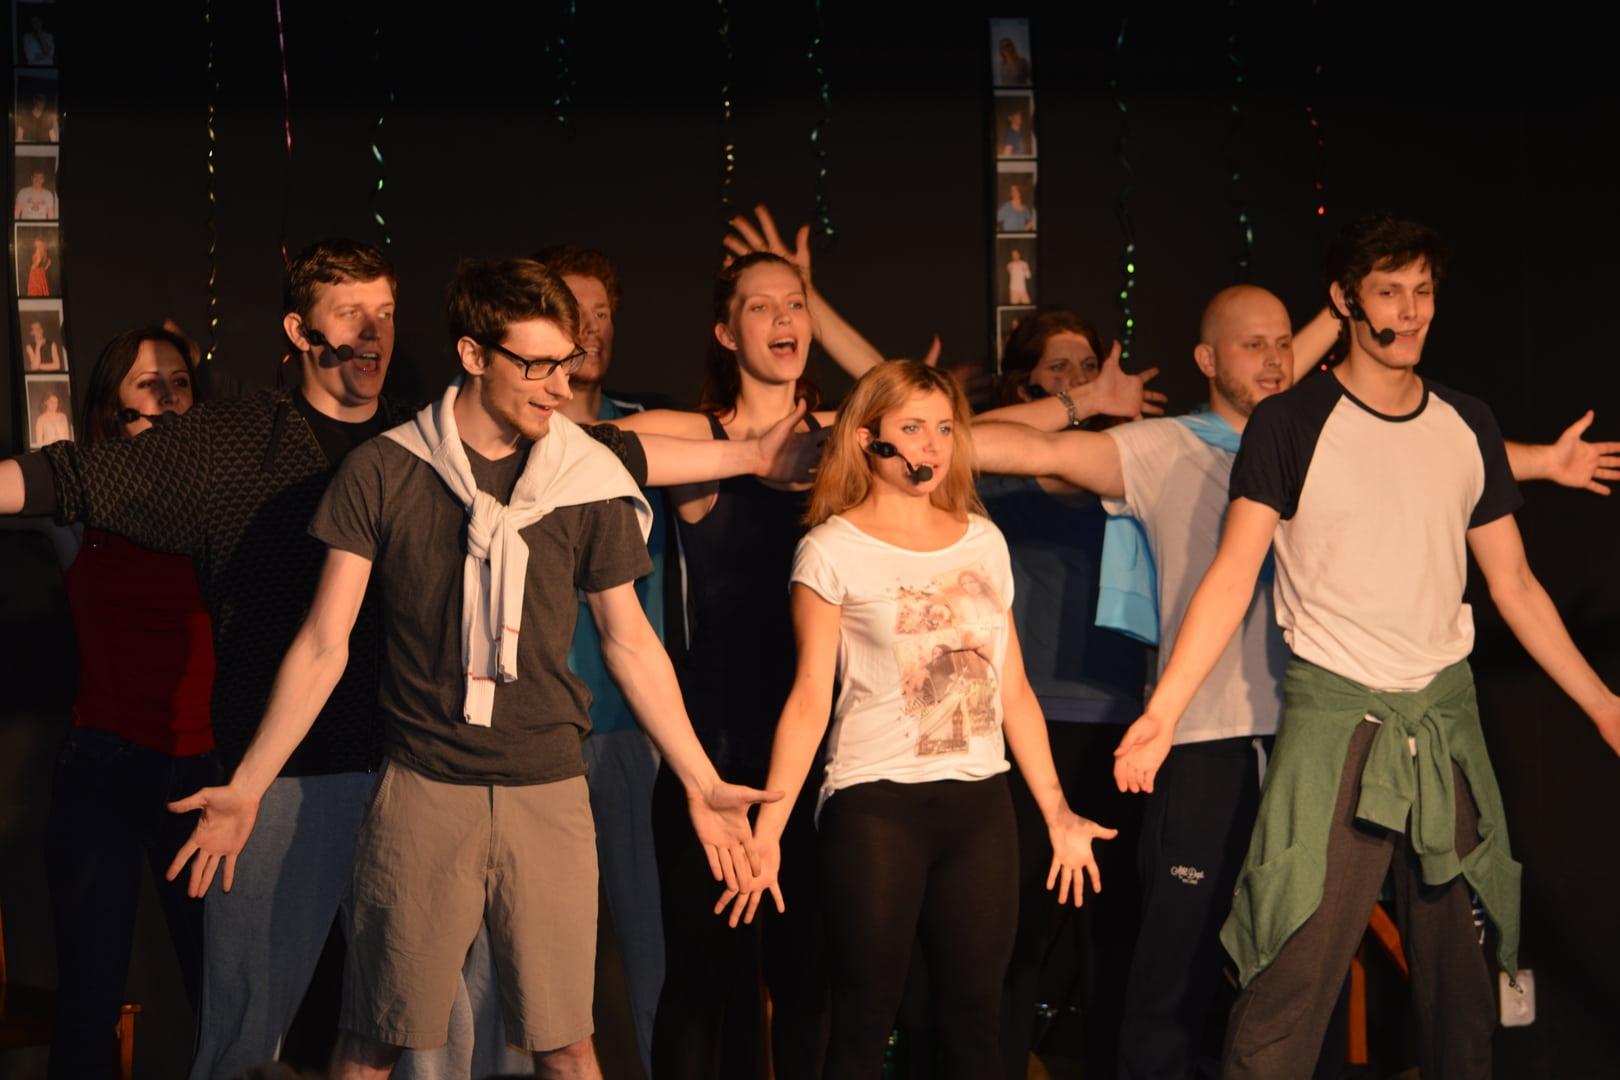 Veselí a tancujúci mladí ľudia.